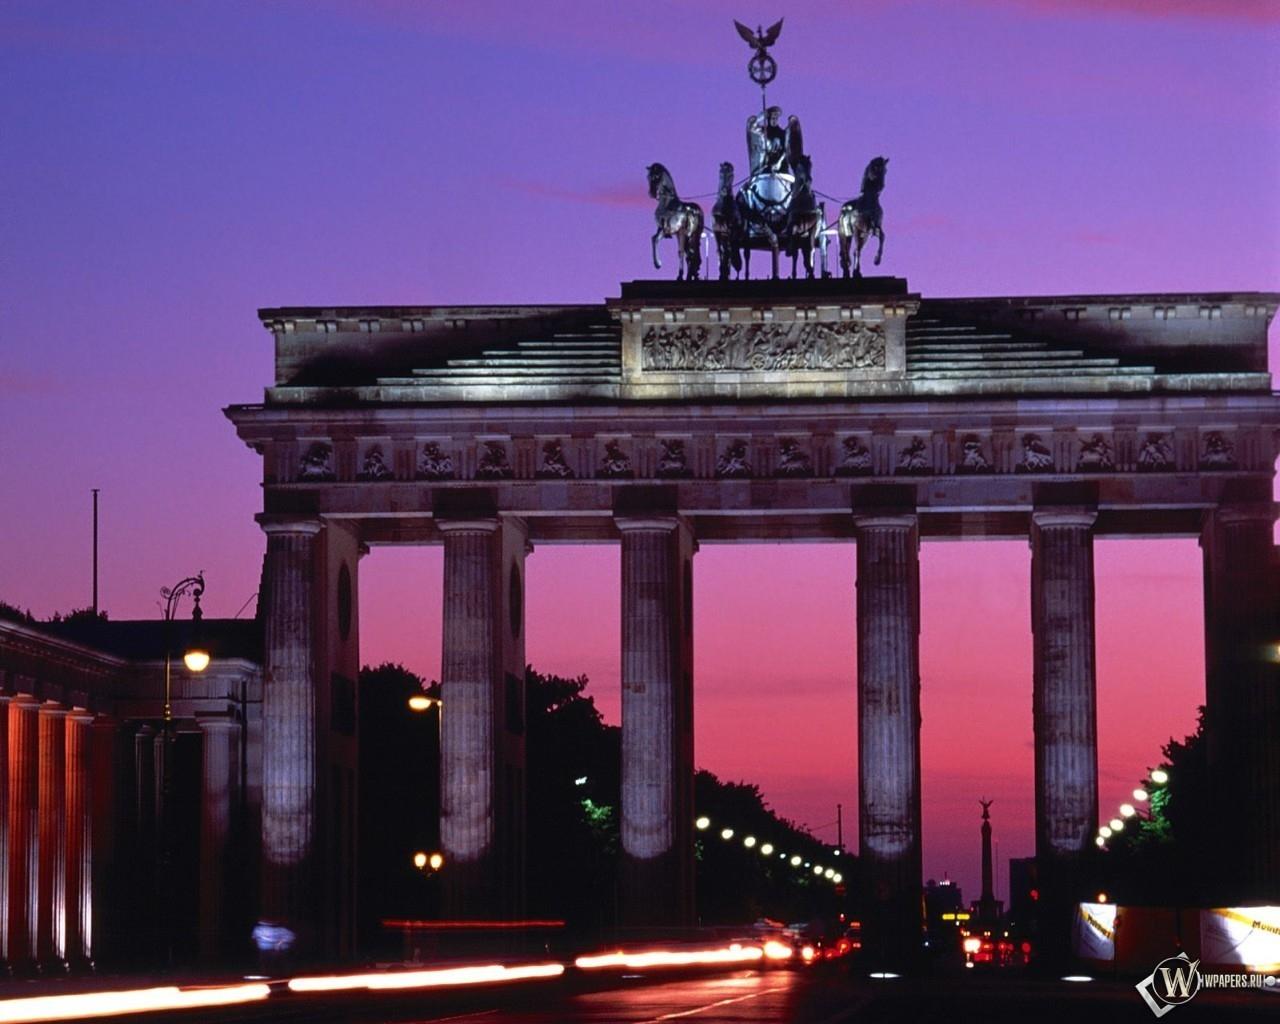 Brandenburg Gate - Berlin - Germany 1280x1024